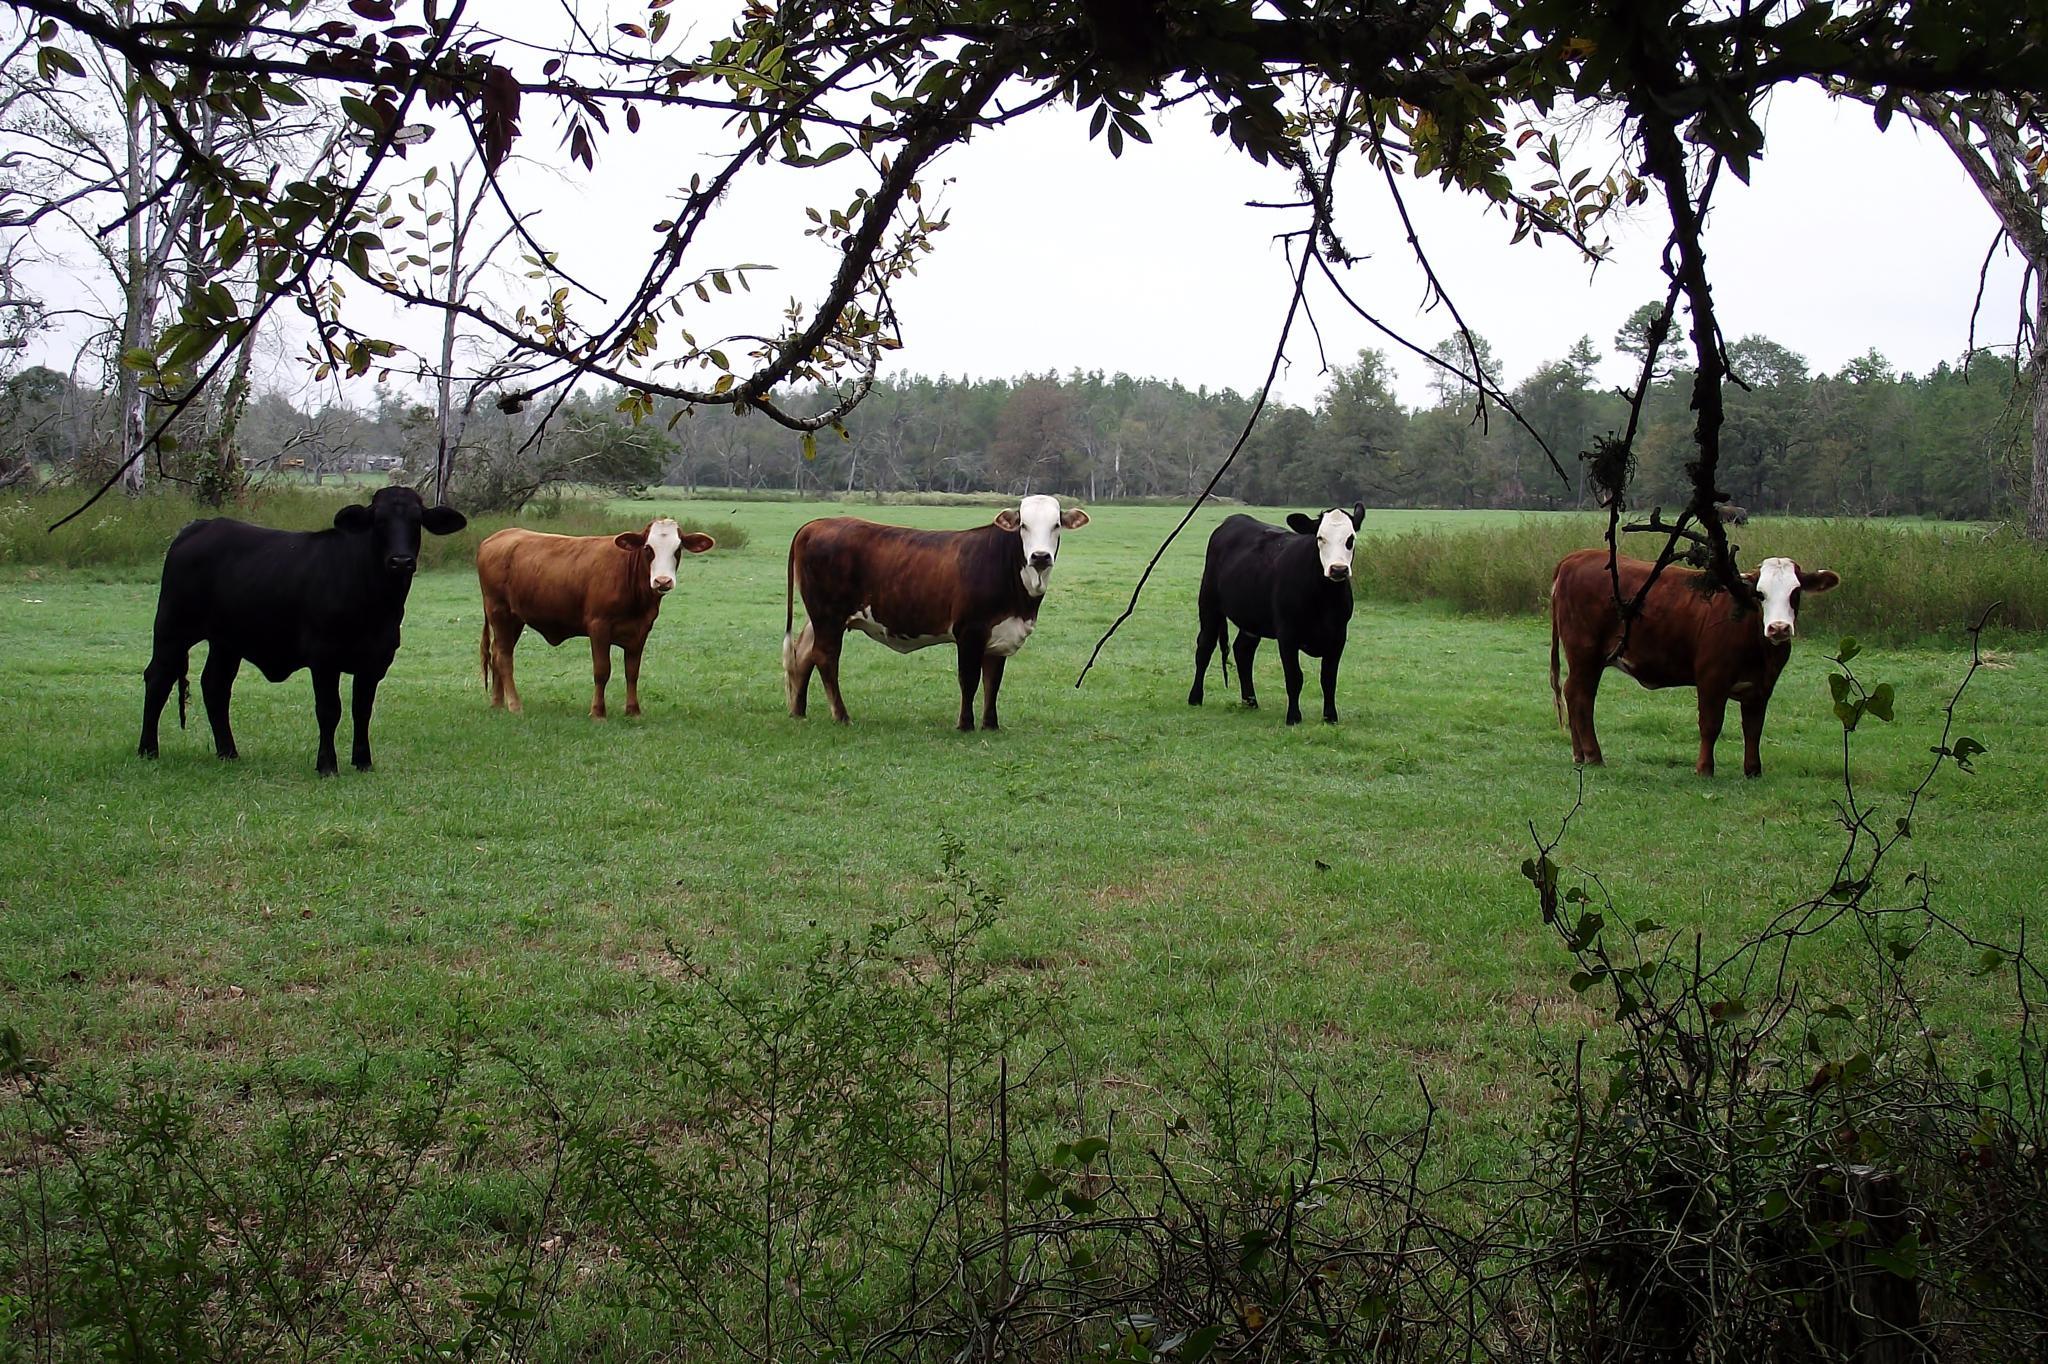 Curious Cows by khaliefox